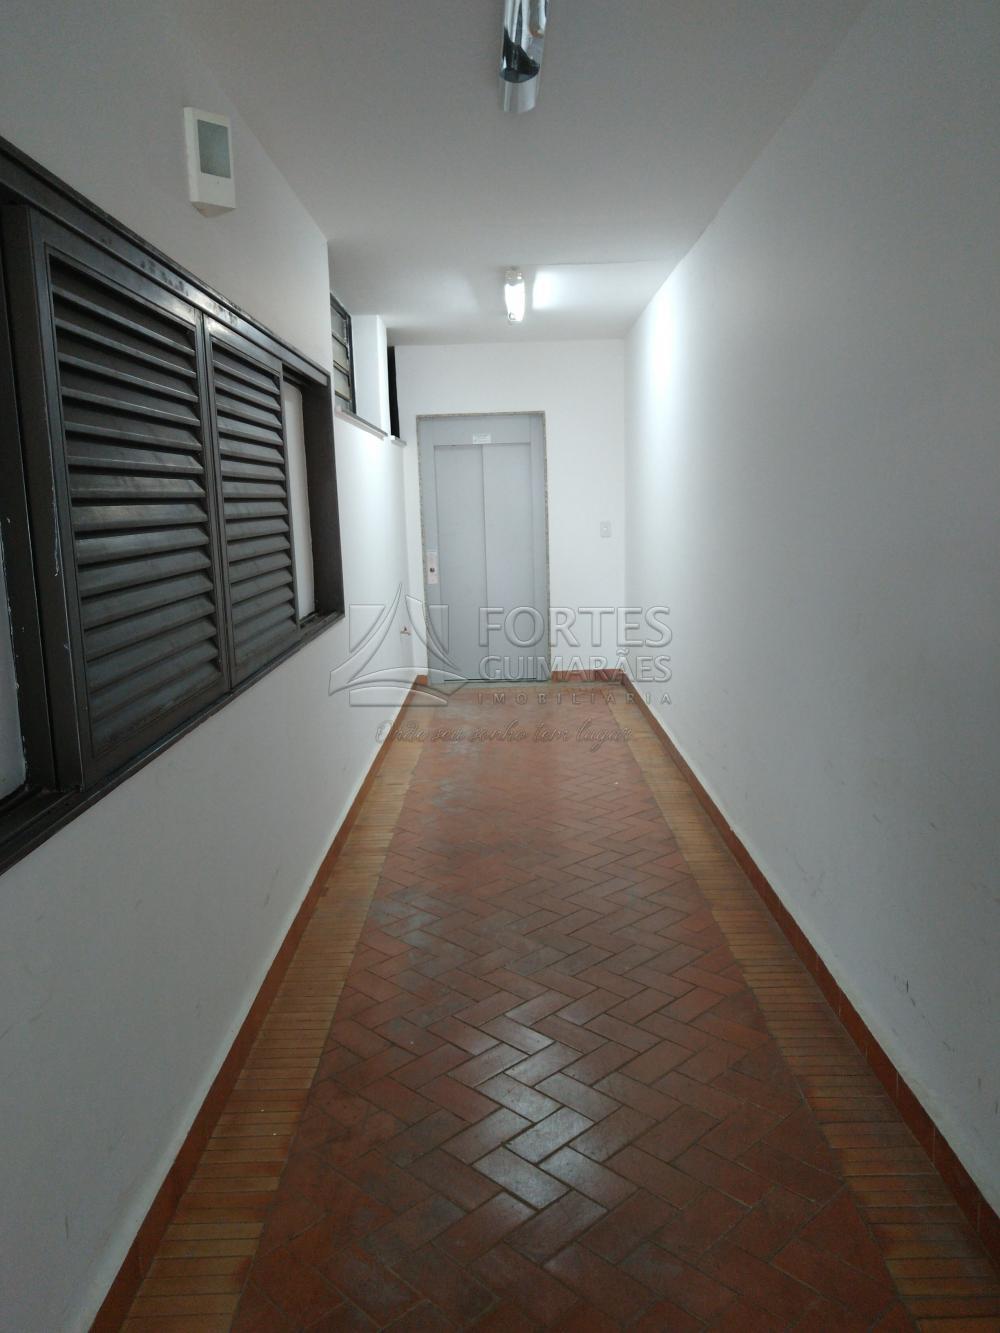 Alugar Comercial / Imóvel Comercial em Ribeirão Preto apenas R$ 12.000,00 - Foto 12